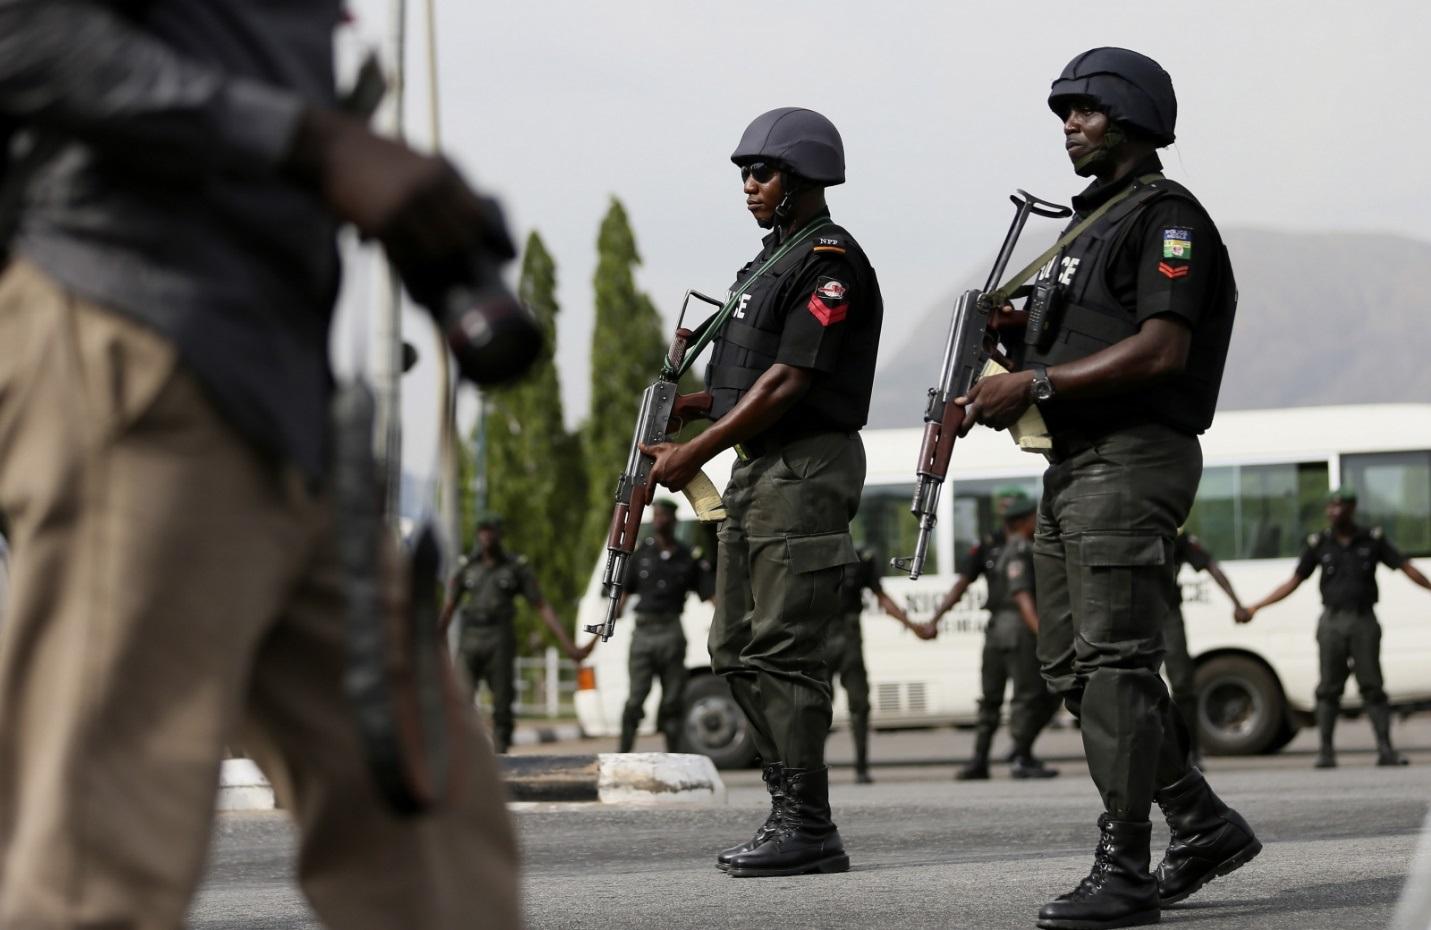 policeman arrested